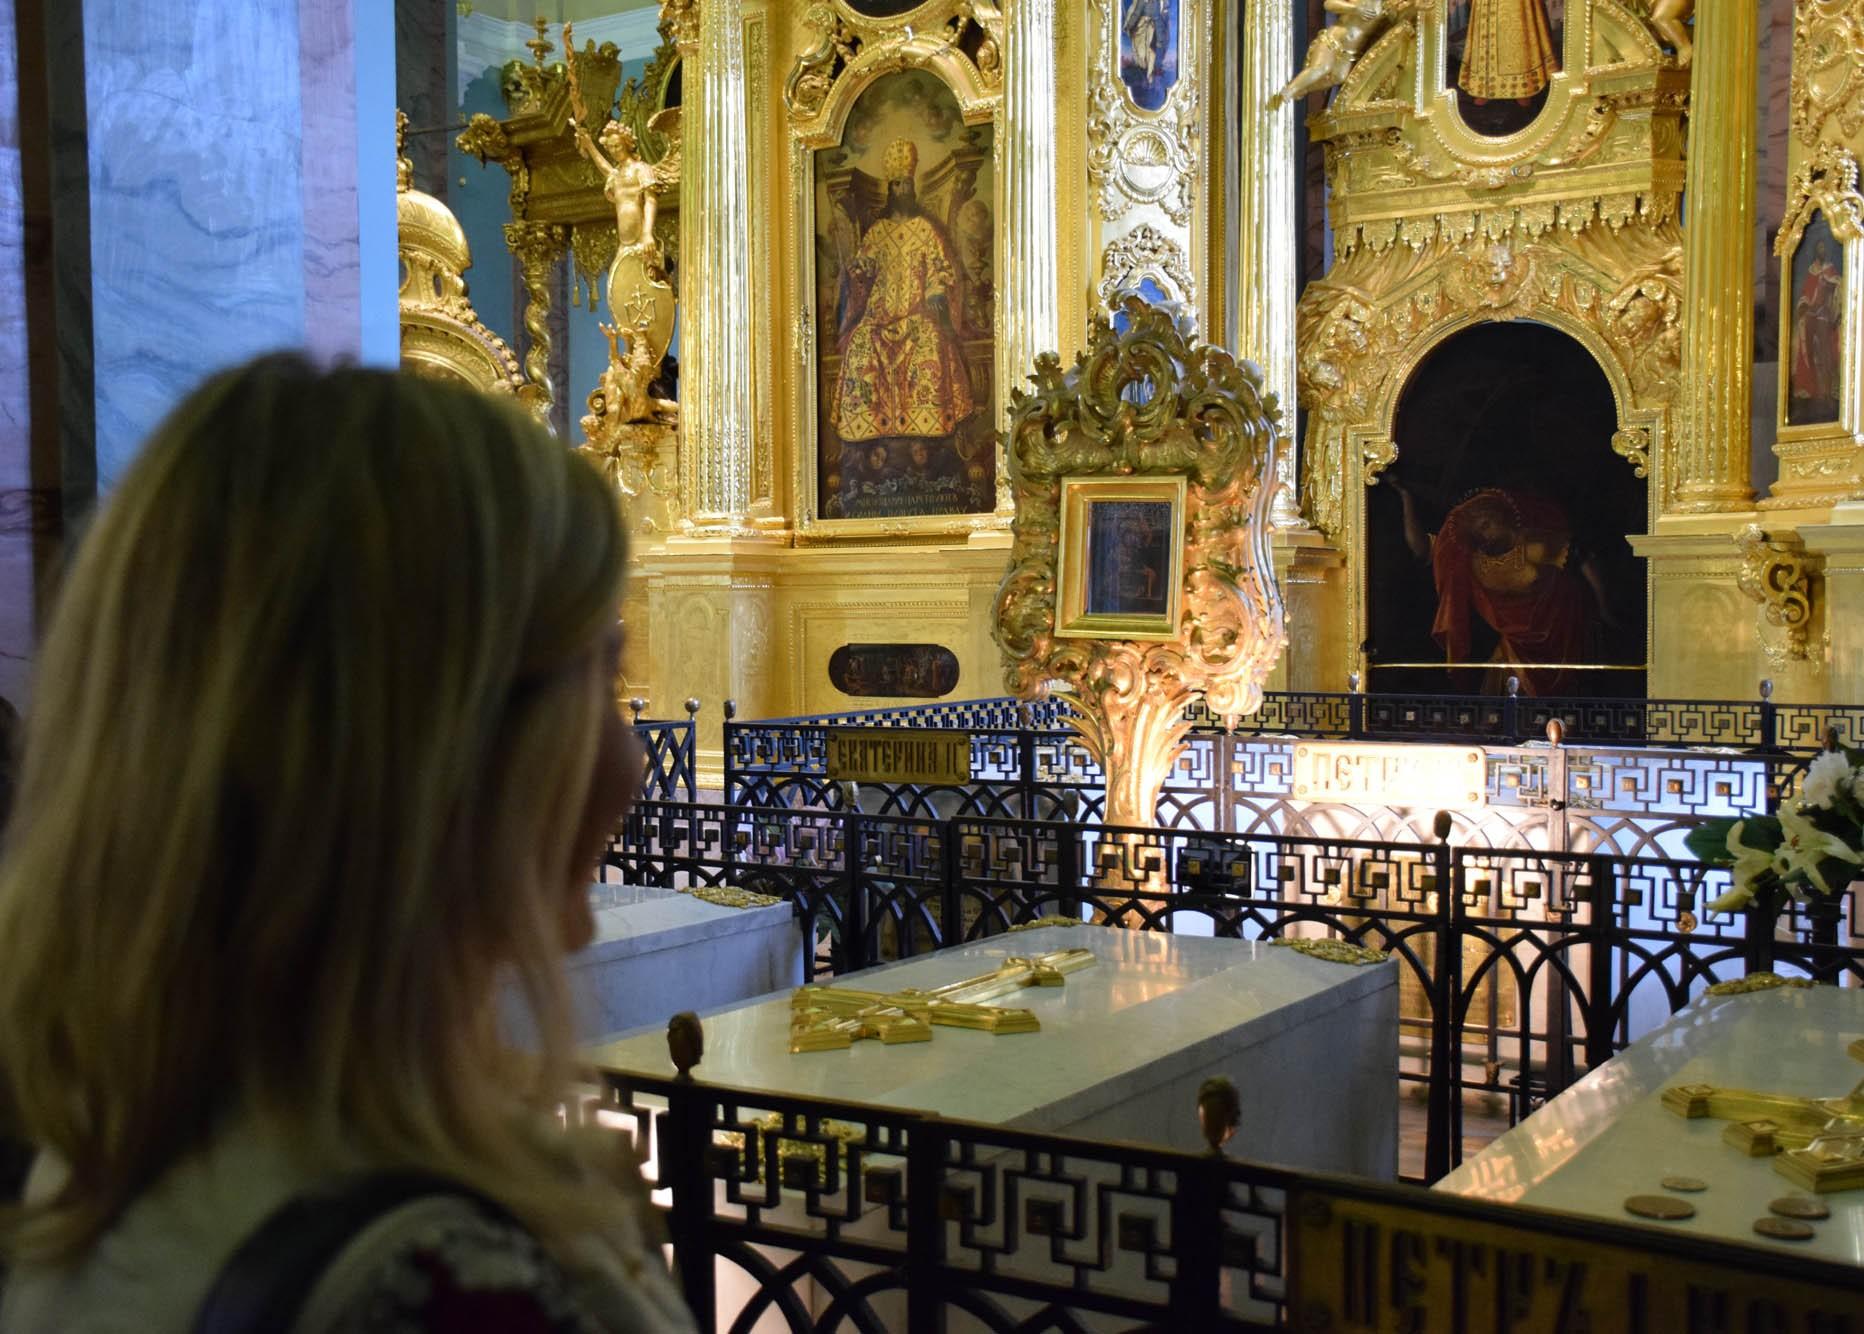 Os túmulos dos Czares e suas famílias da Dinastia Romanov, desde Pedro O Grande - Catedral de São Pedro e São Paulo